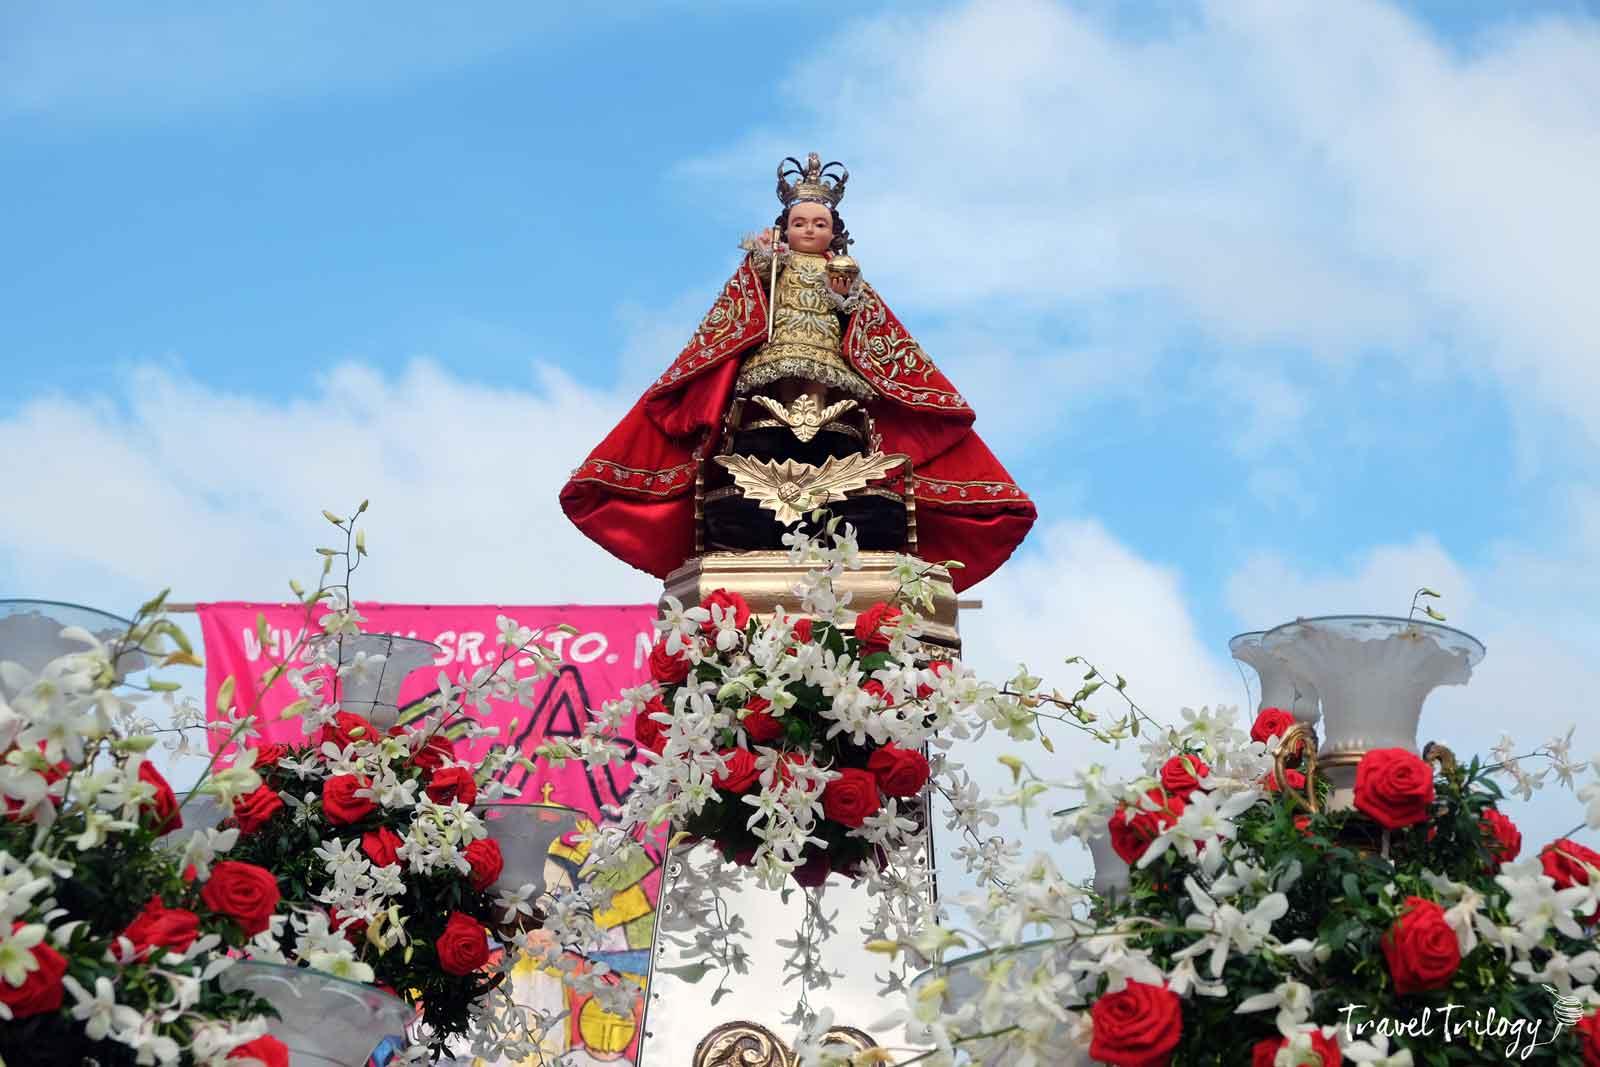 santo nino de kalibo